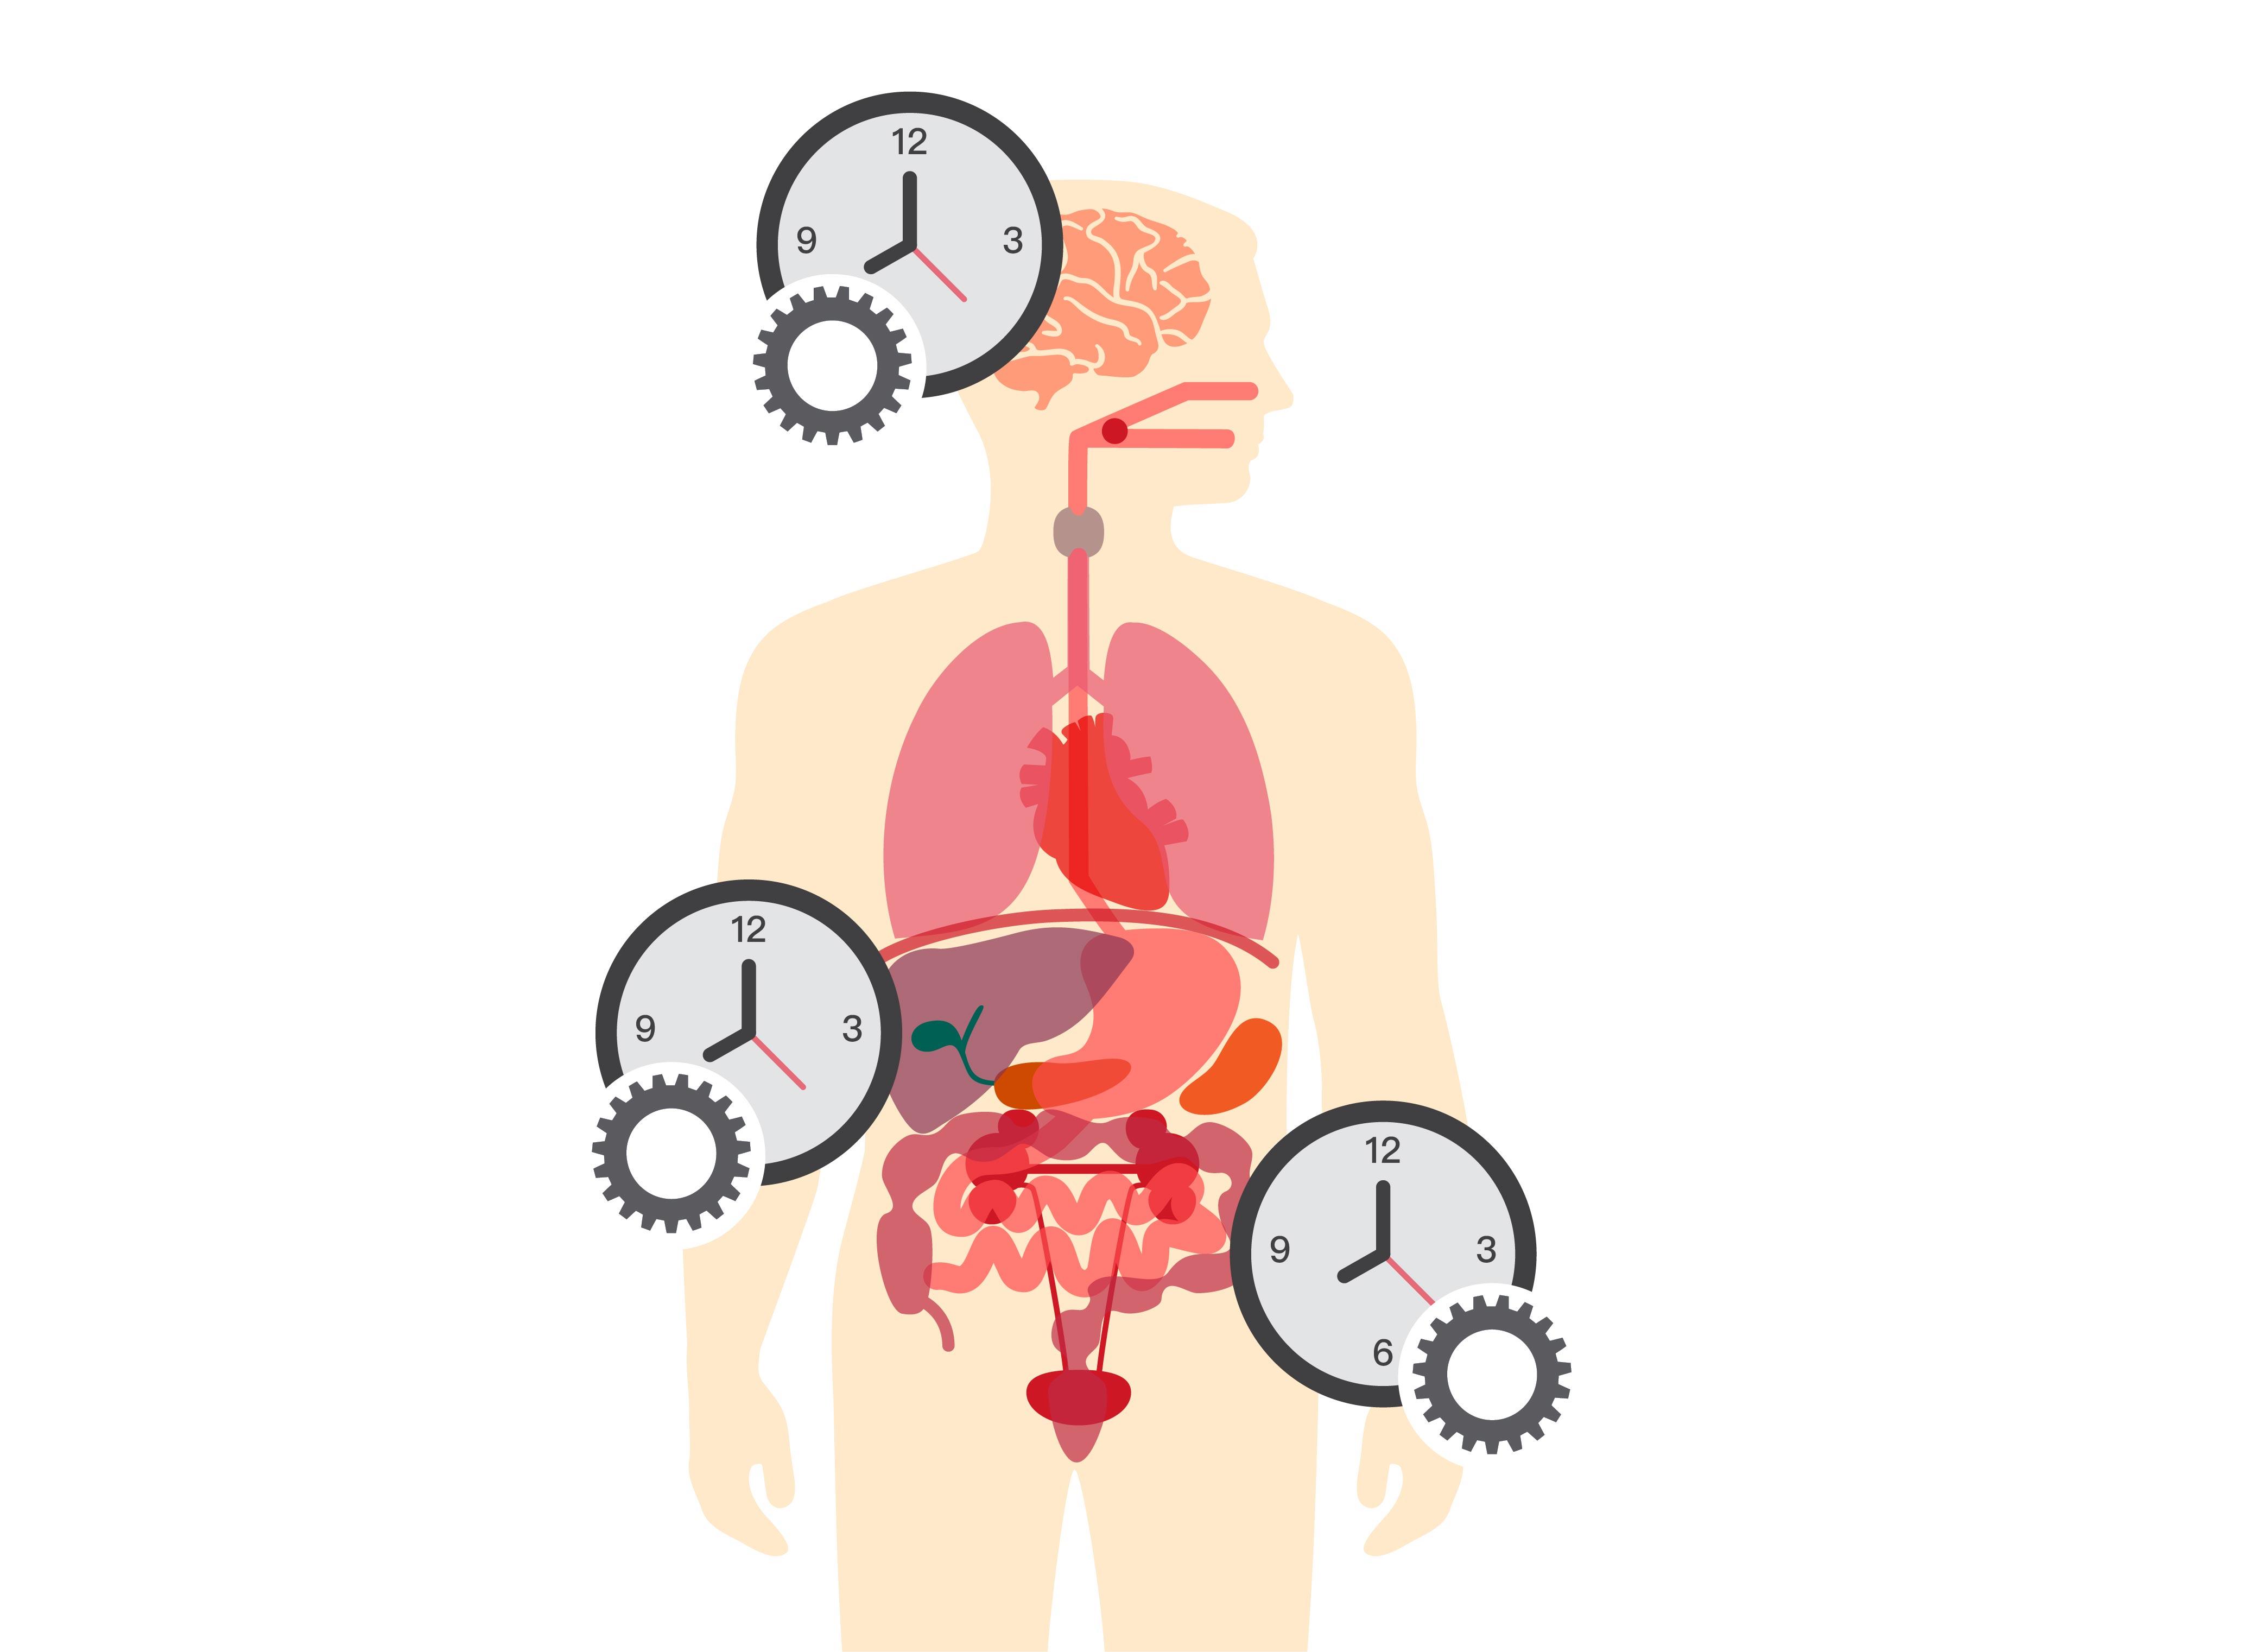 大腦是主要的生理時鐘,但體內各器官也有自己的生理時鐘,彼此會交互影響。 圖片來源│iStock 圖說重製│張語辰